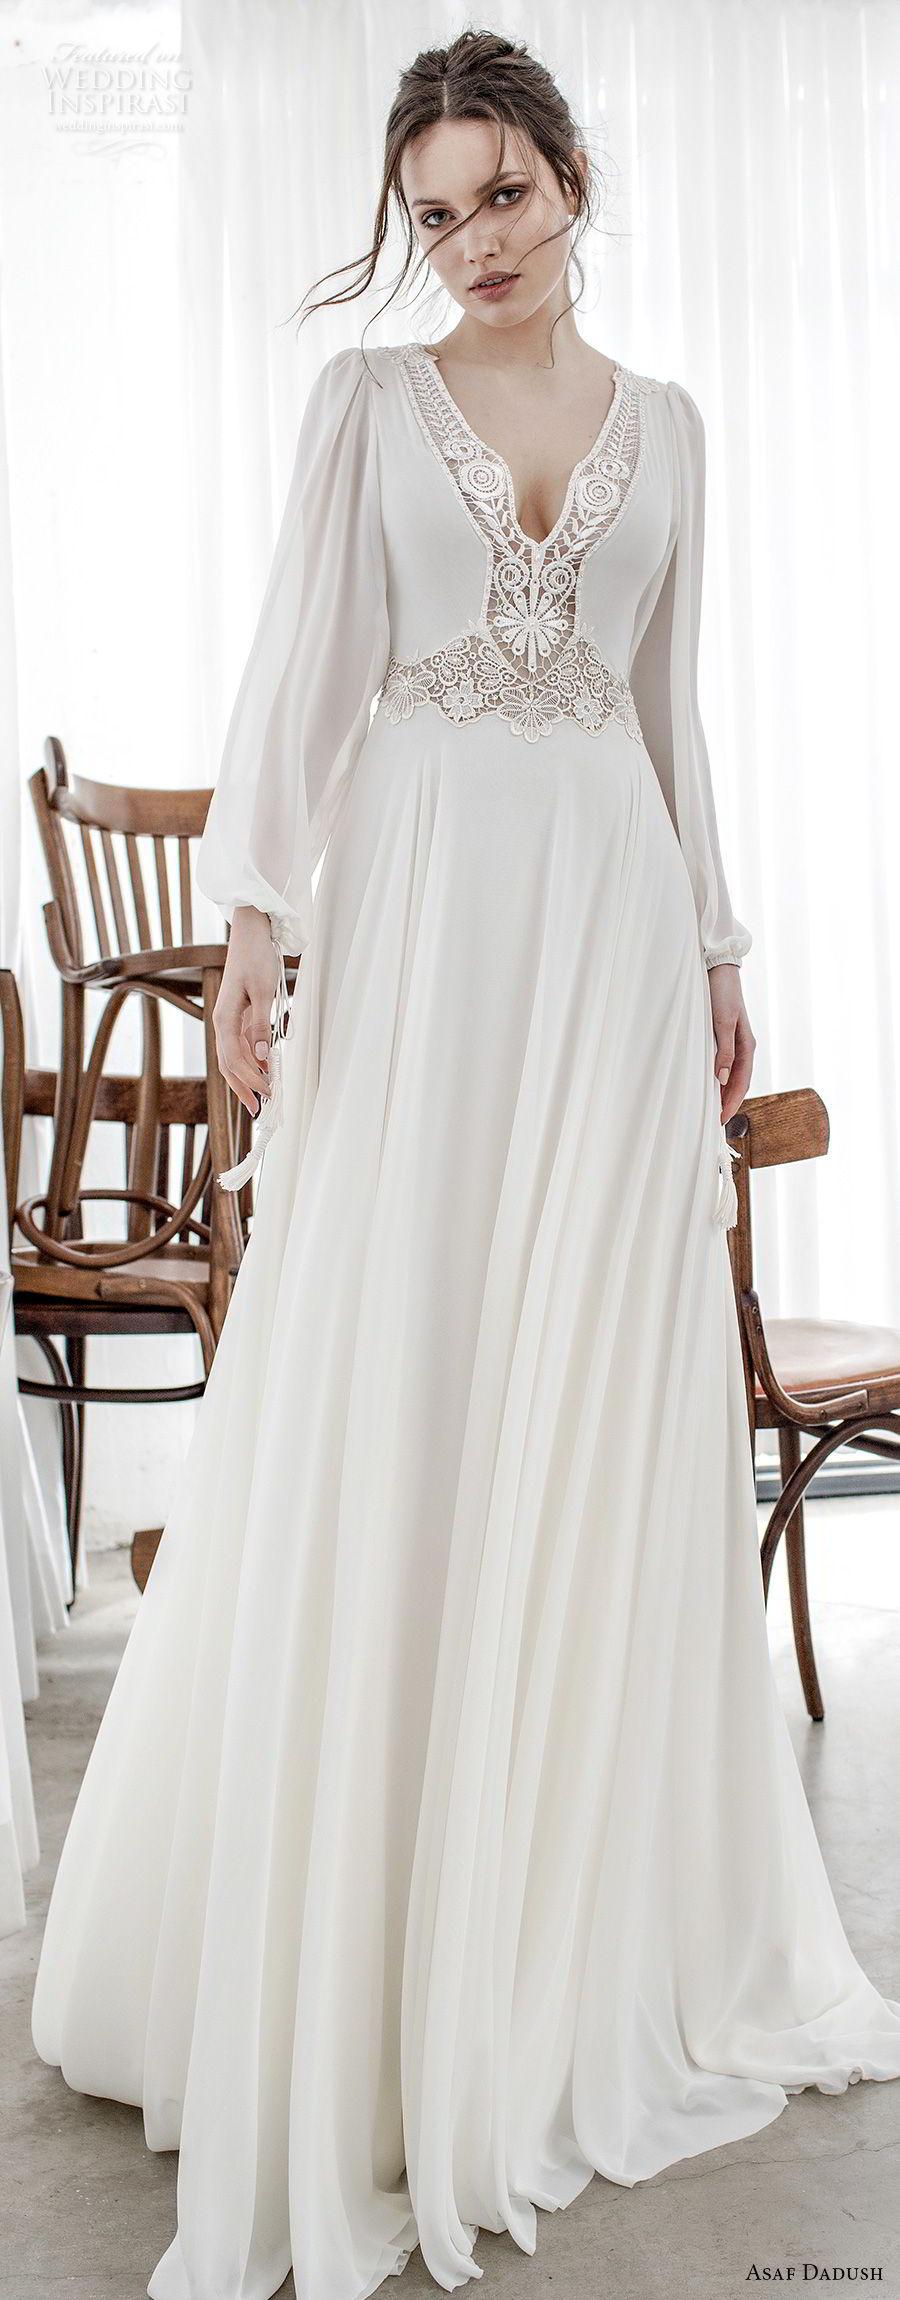 asaf dadush 2017 bridal long bishop sleeves v neck lighly embellished bodice romantic bohemian soft a  line wedding dress cross strap back sweep train (14) lv